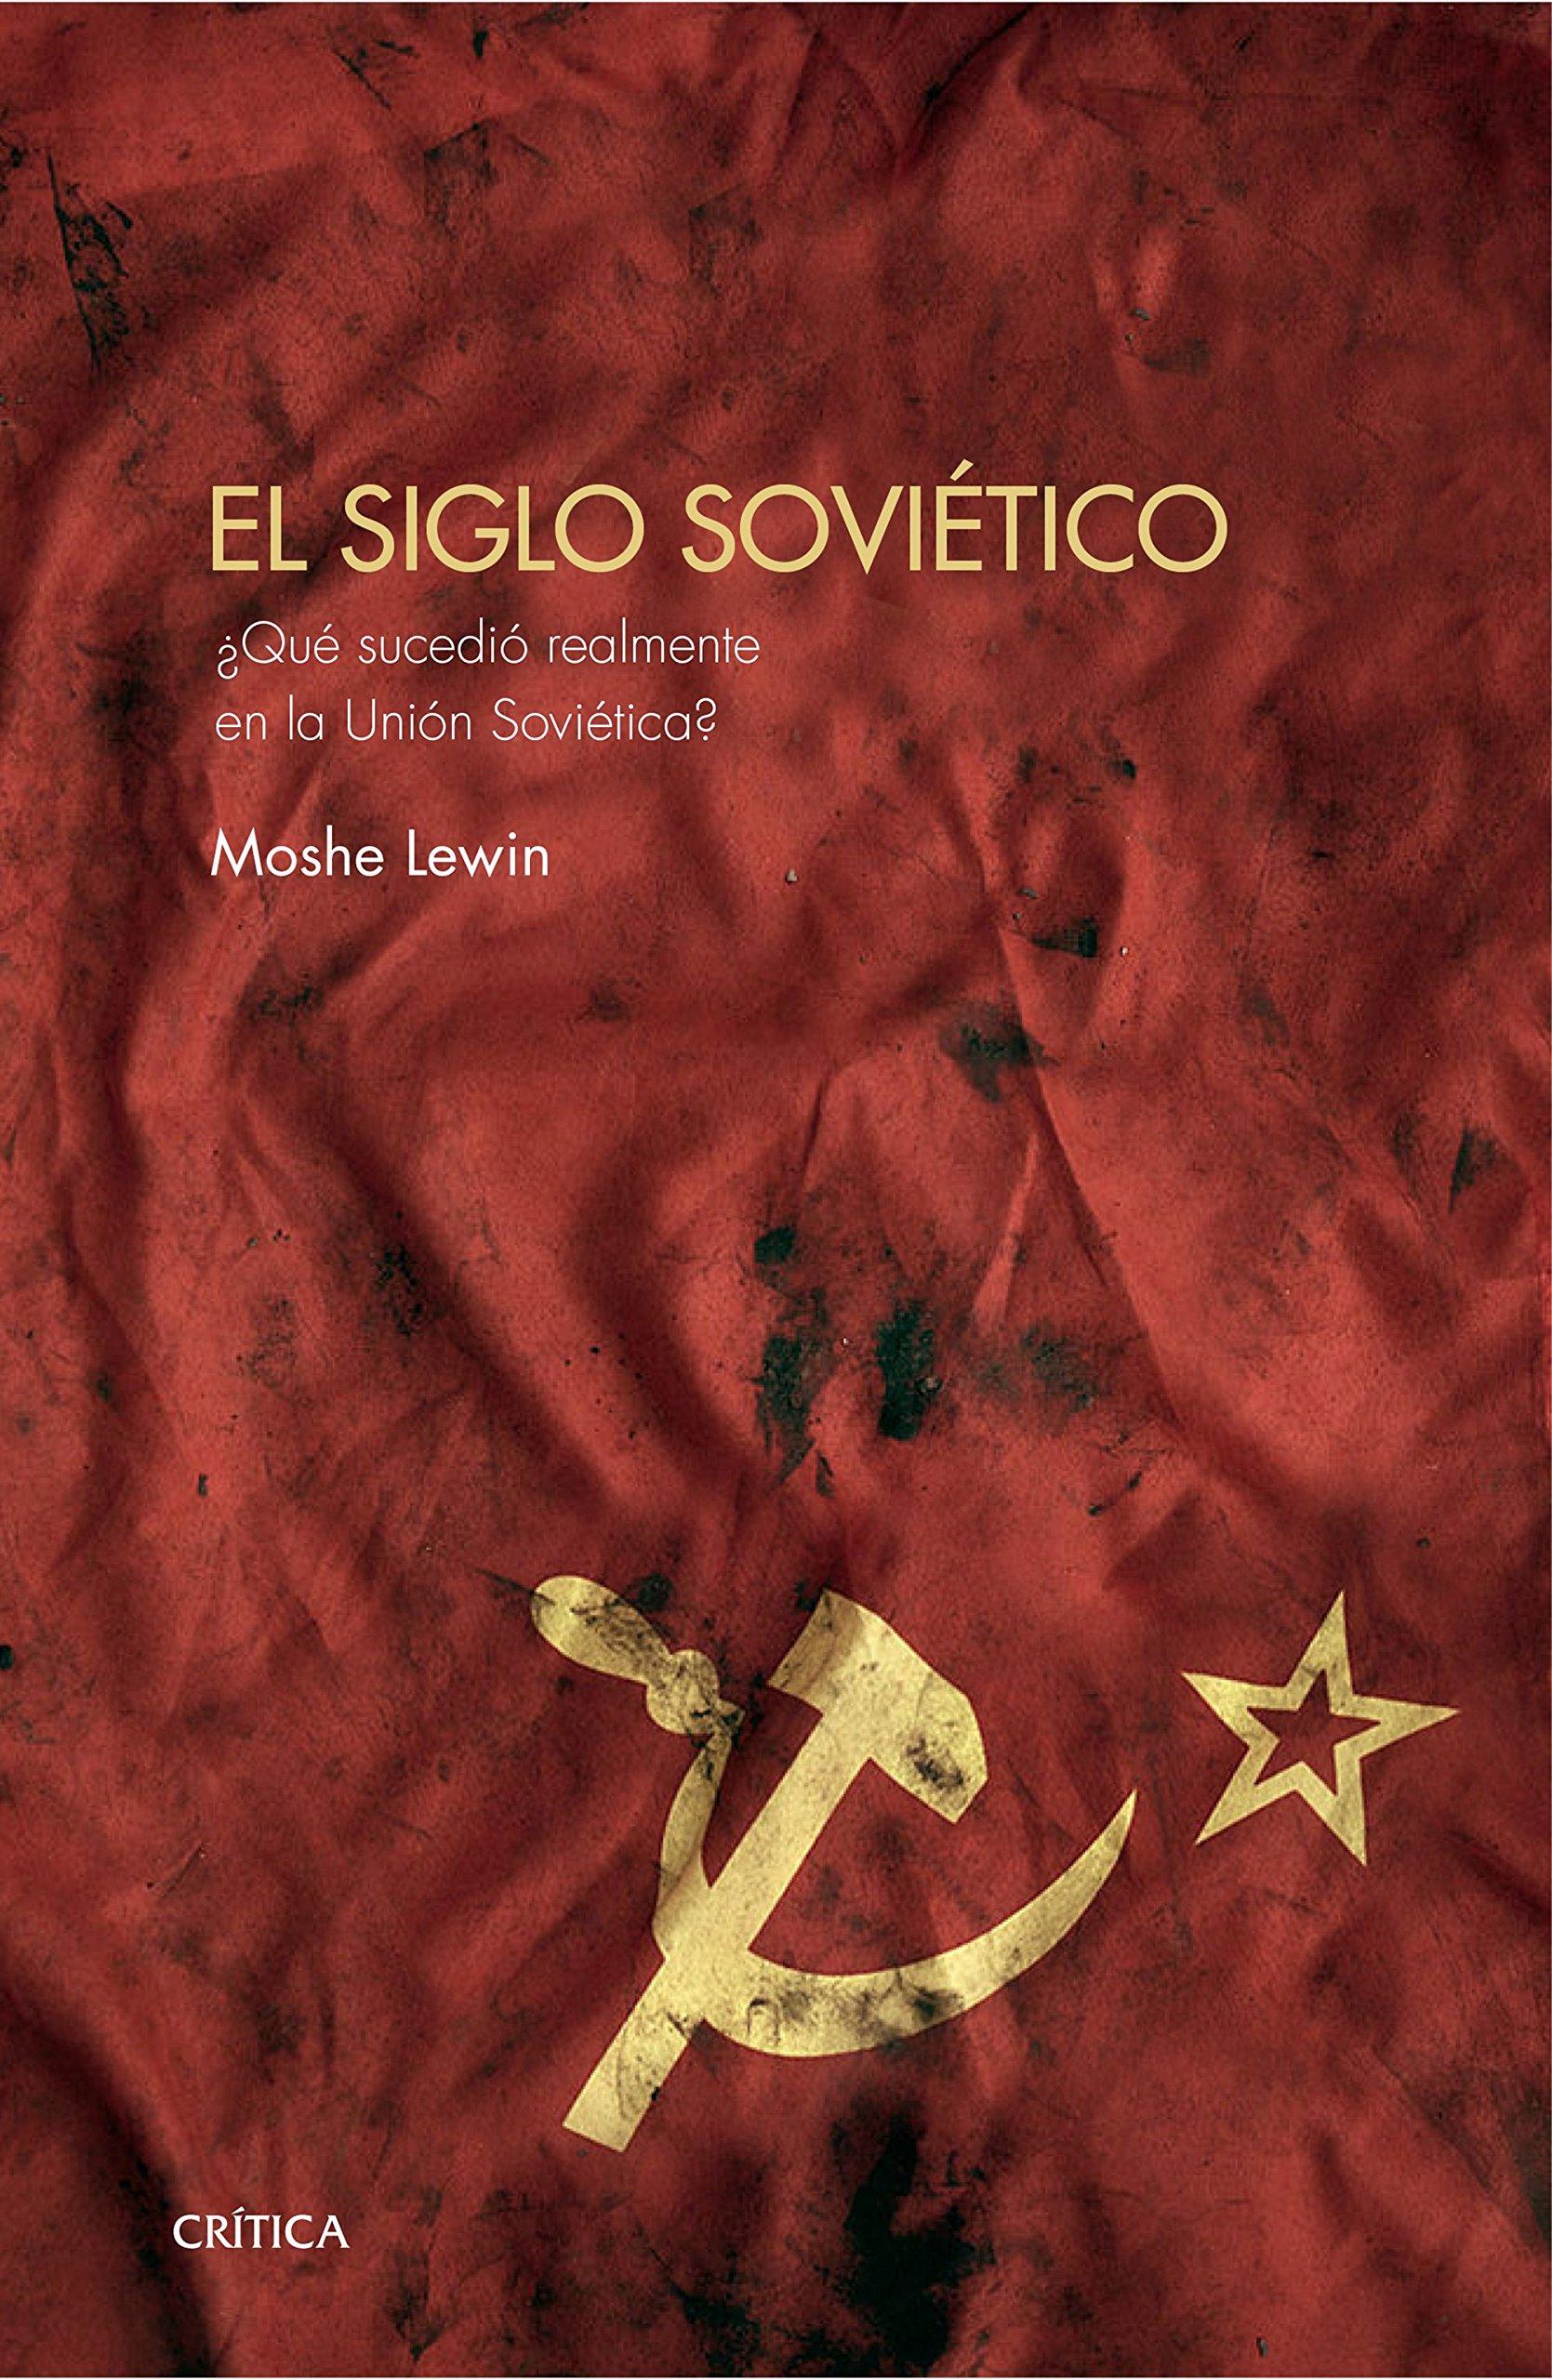 El siglo soviético: ¿Qué sucedió realmente en la Unión Soviética? Memoria Crítica: Amazon.es: Lewin, Moshe, Esteve, Ferran: Libros